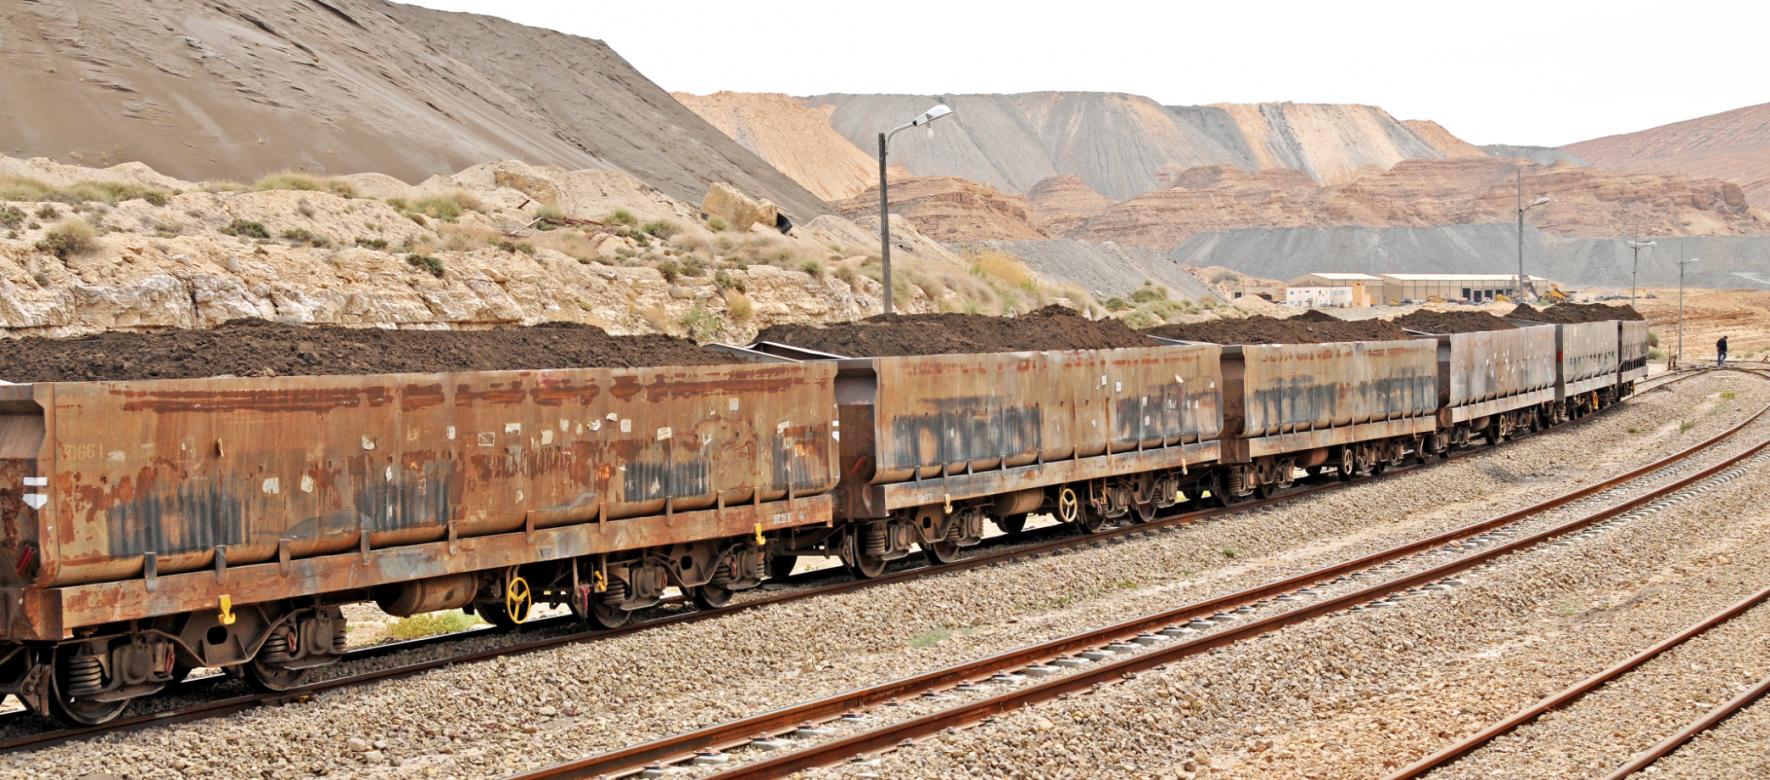 La Tunisie voit chuter sa production de phosphate et donc sa contribution au PIB du pays